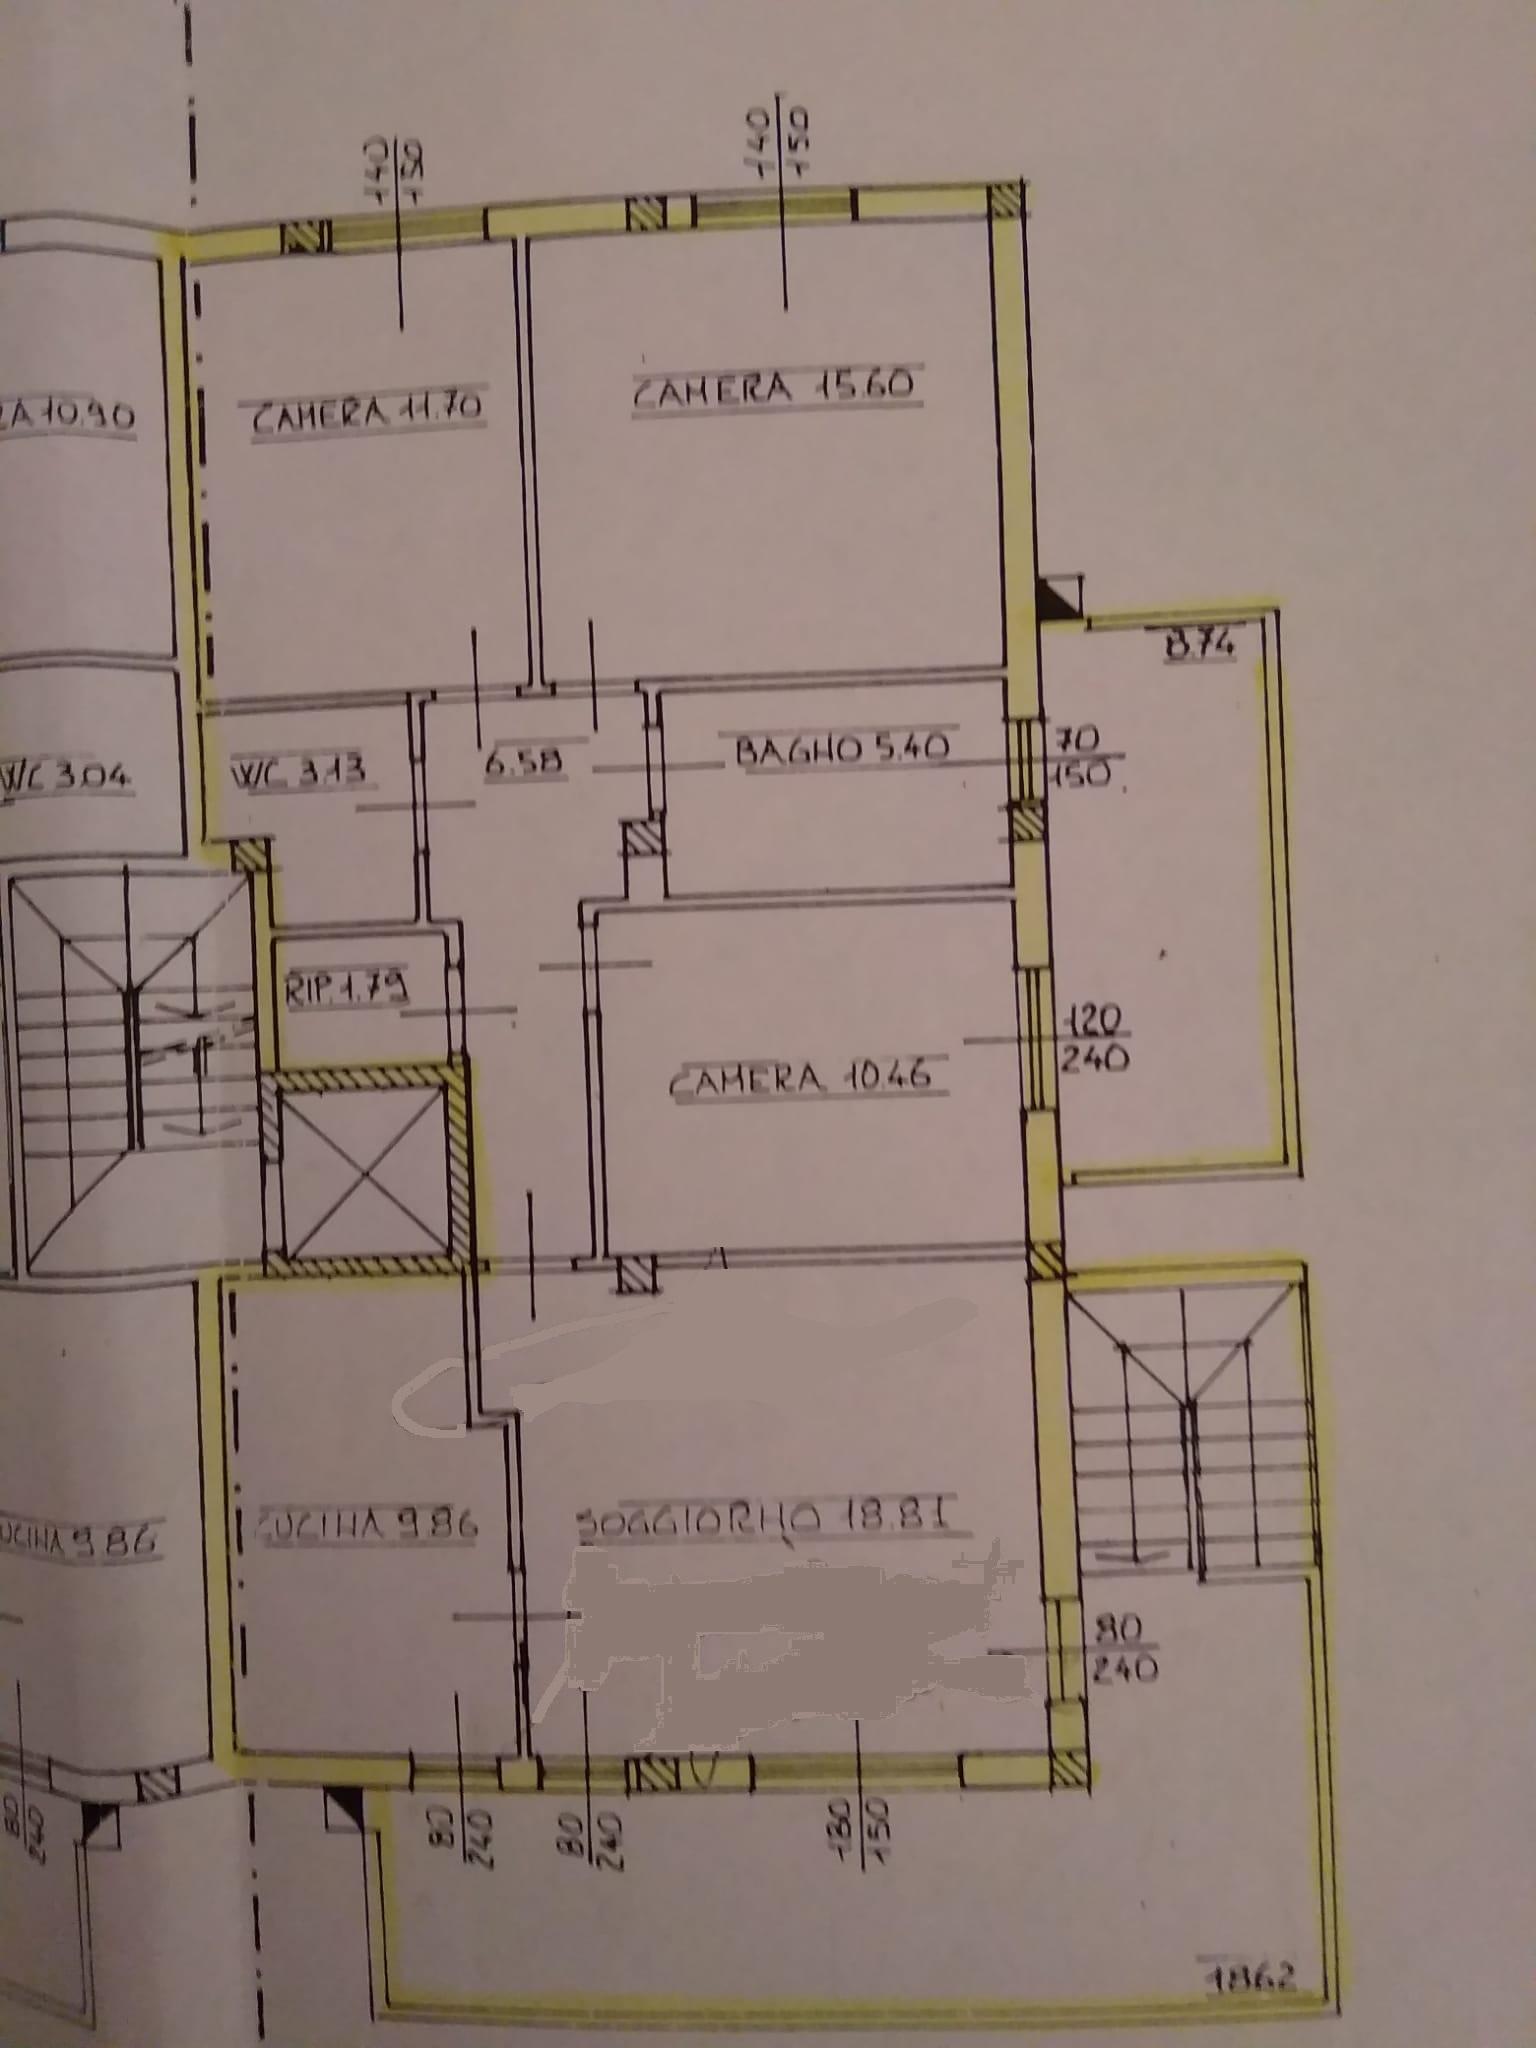 Appartamento in vendita, rif. F/0375 (Planimetria 1/1)